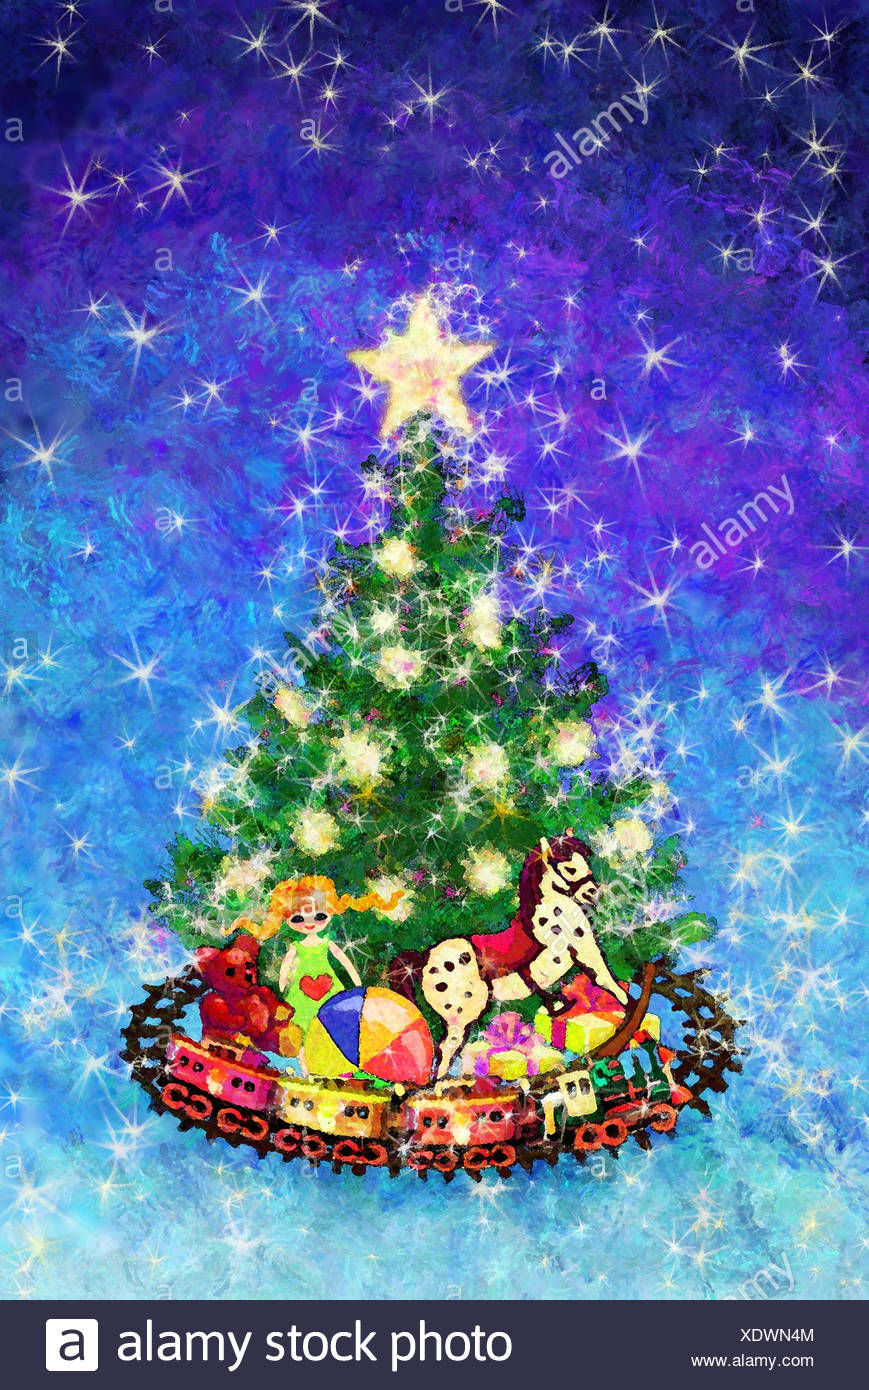 Illustration, Weihnachten, Weihnachtsbaum, Geschenke, Spielzeug ...